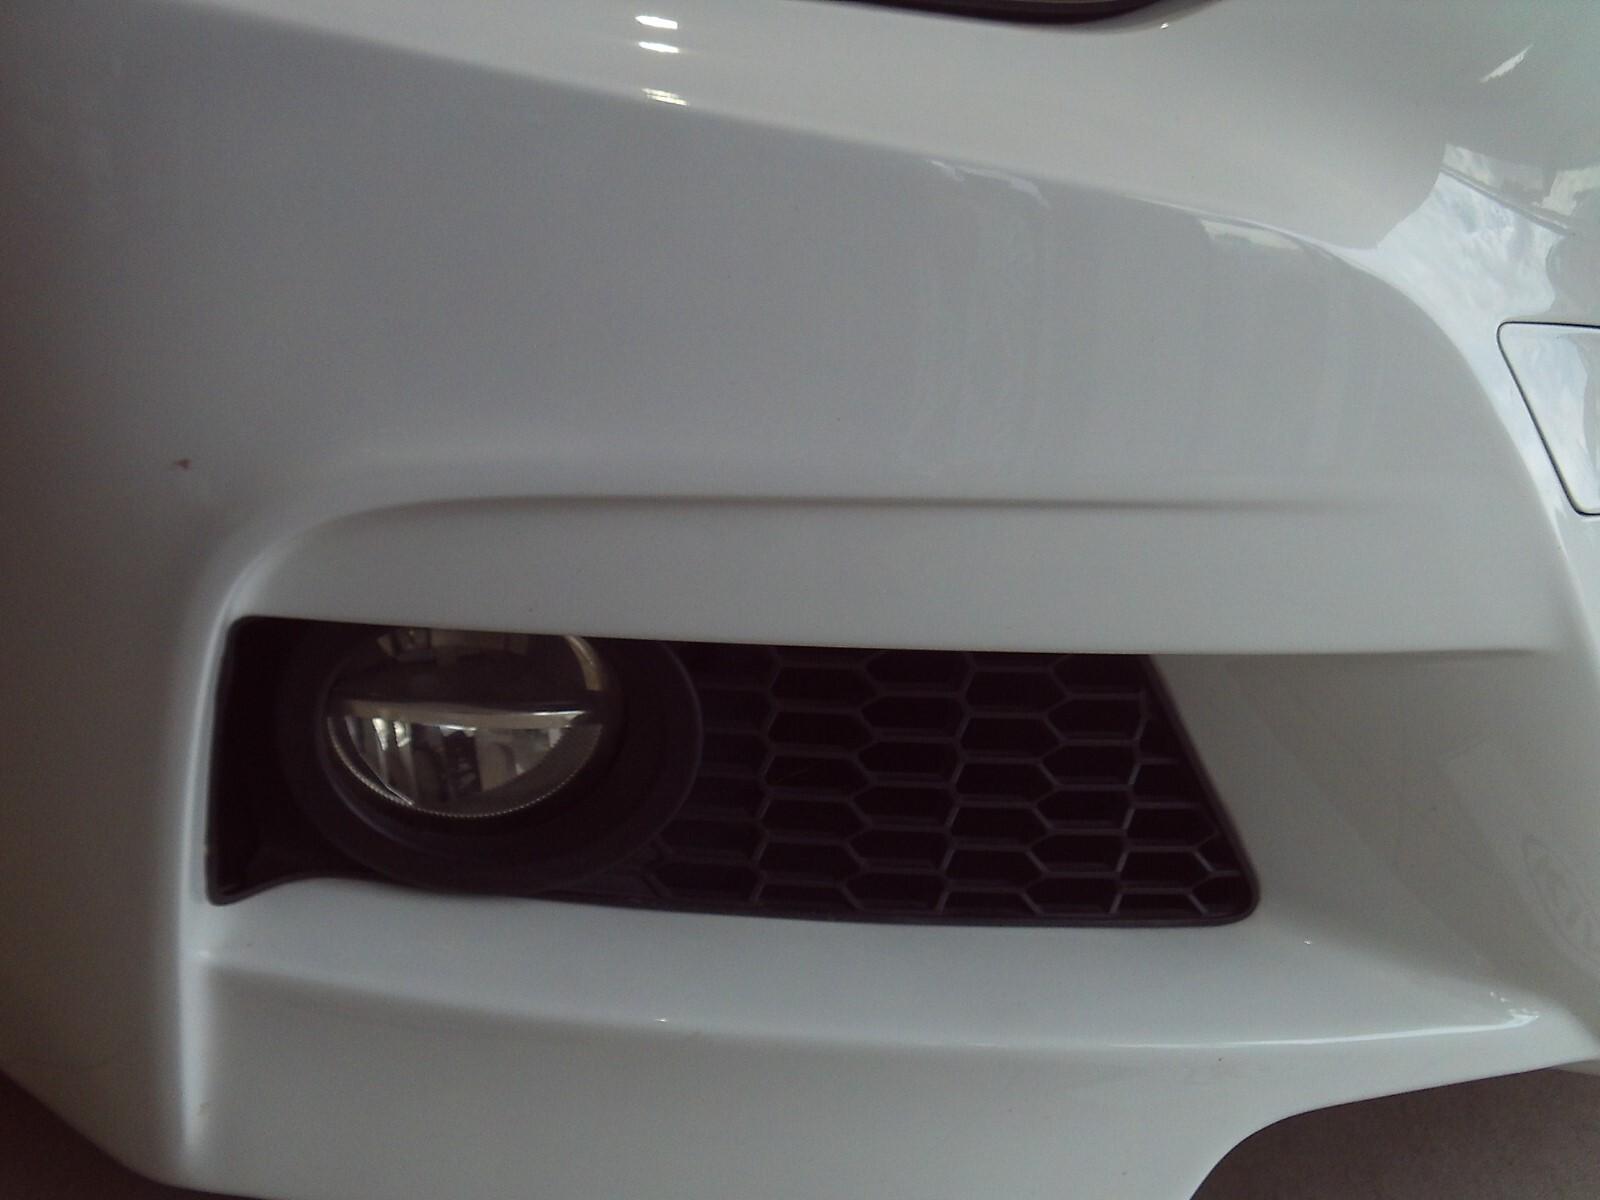 BMW 318i M SPORT A/T (F30) Roodepoort 5335162